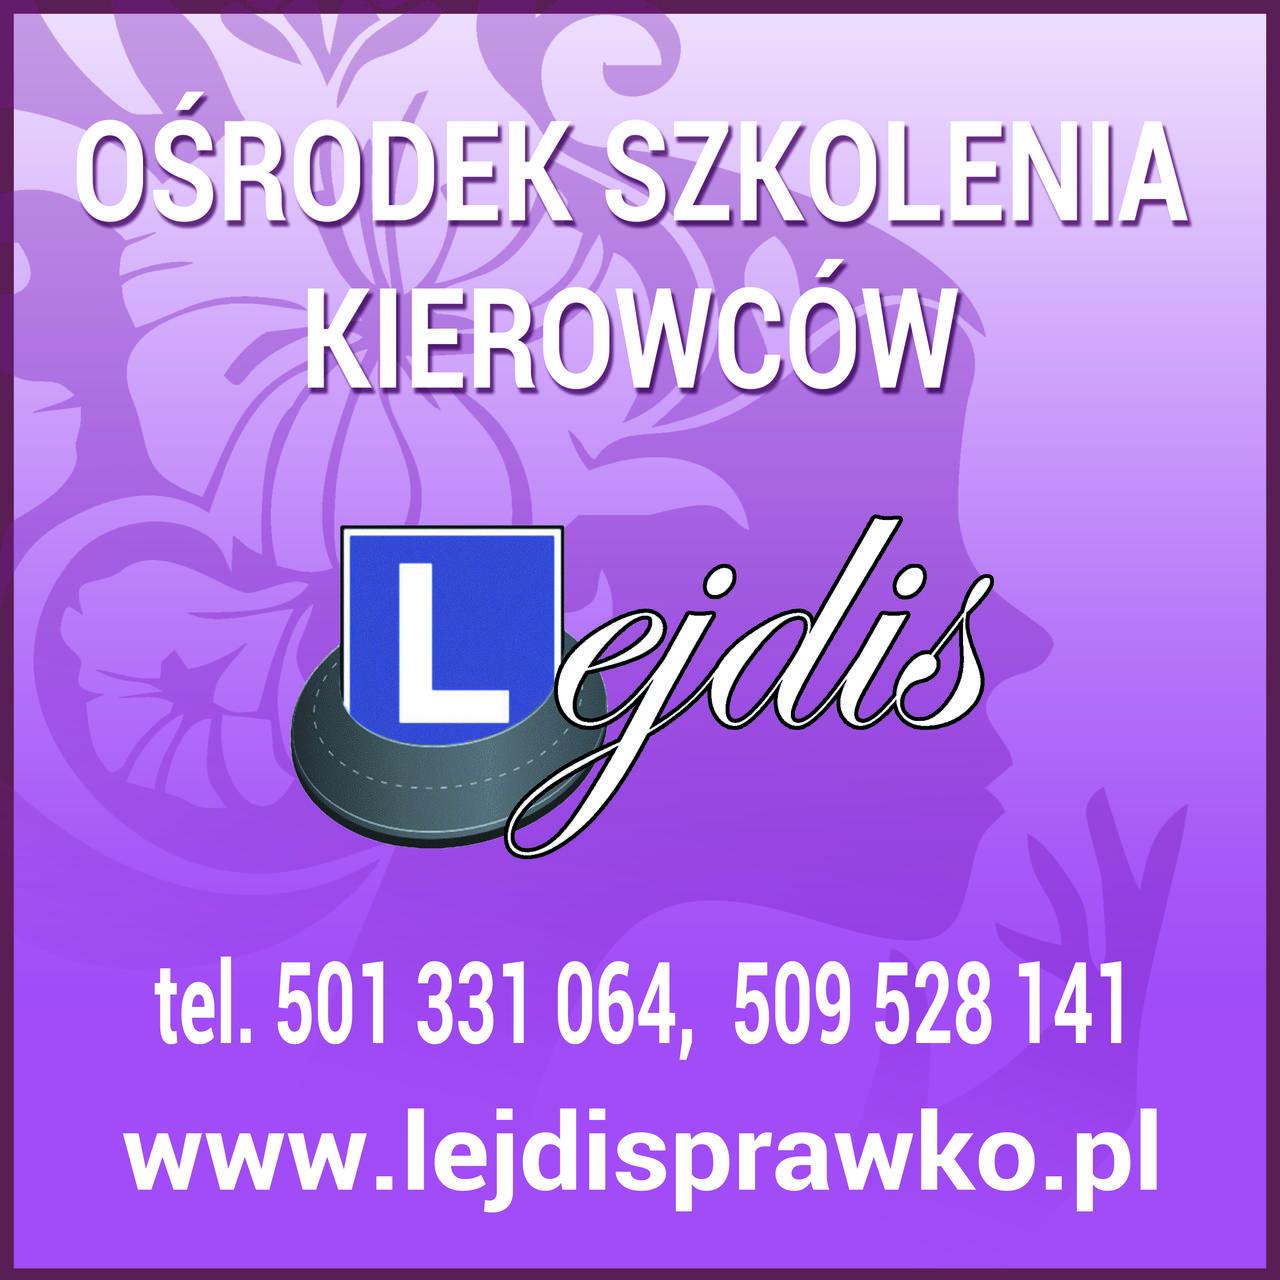 Logo Ośrodek Szkolenia Kierowców Lejdis sc Zofia Banaś Ewelina Ogonek